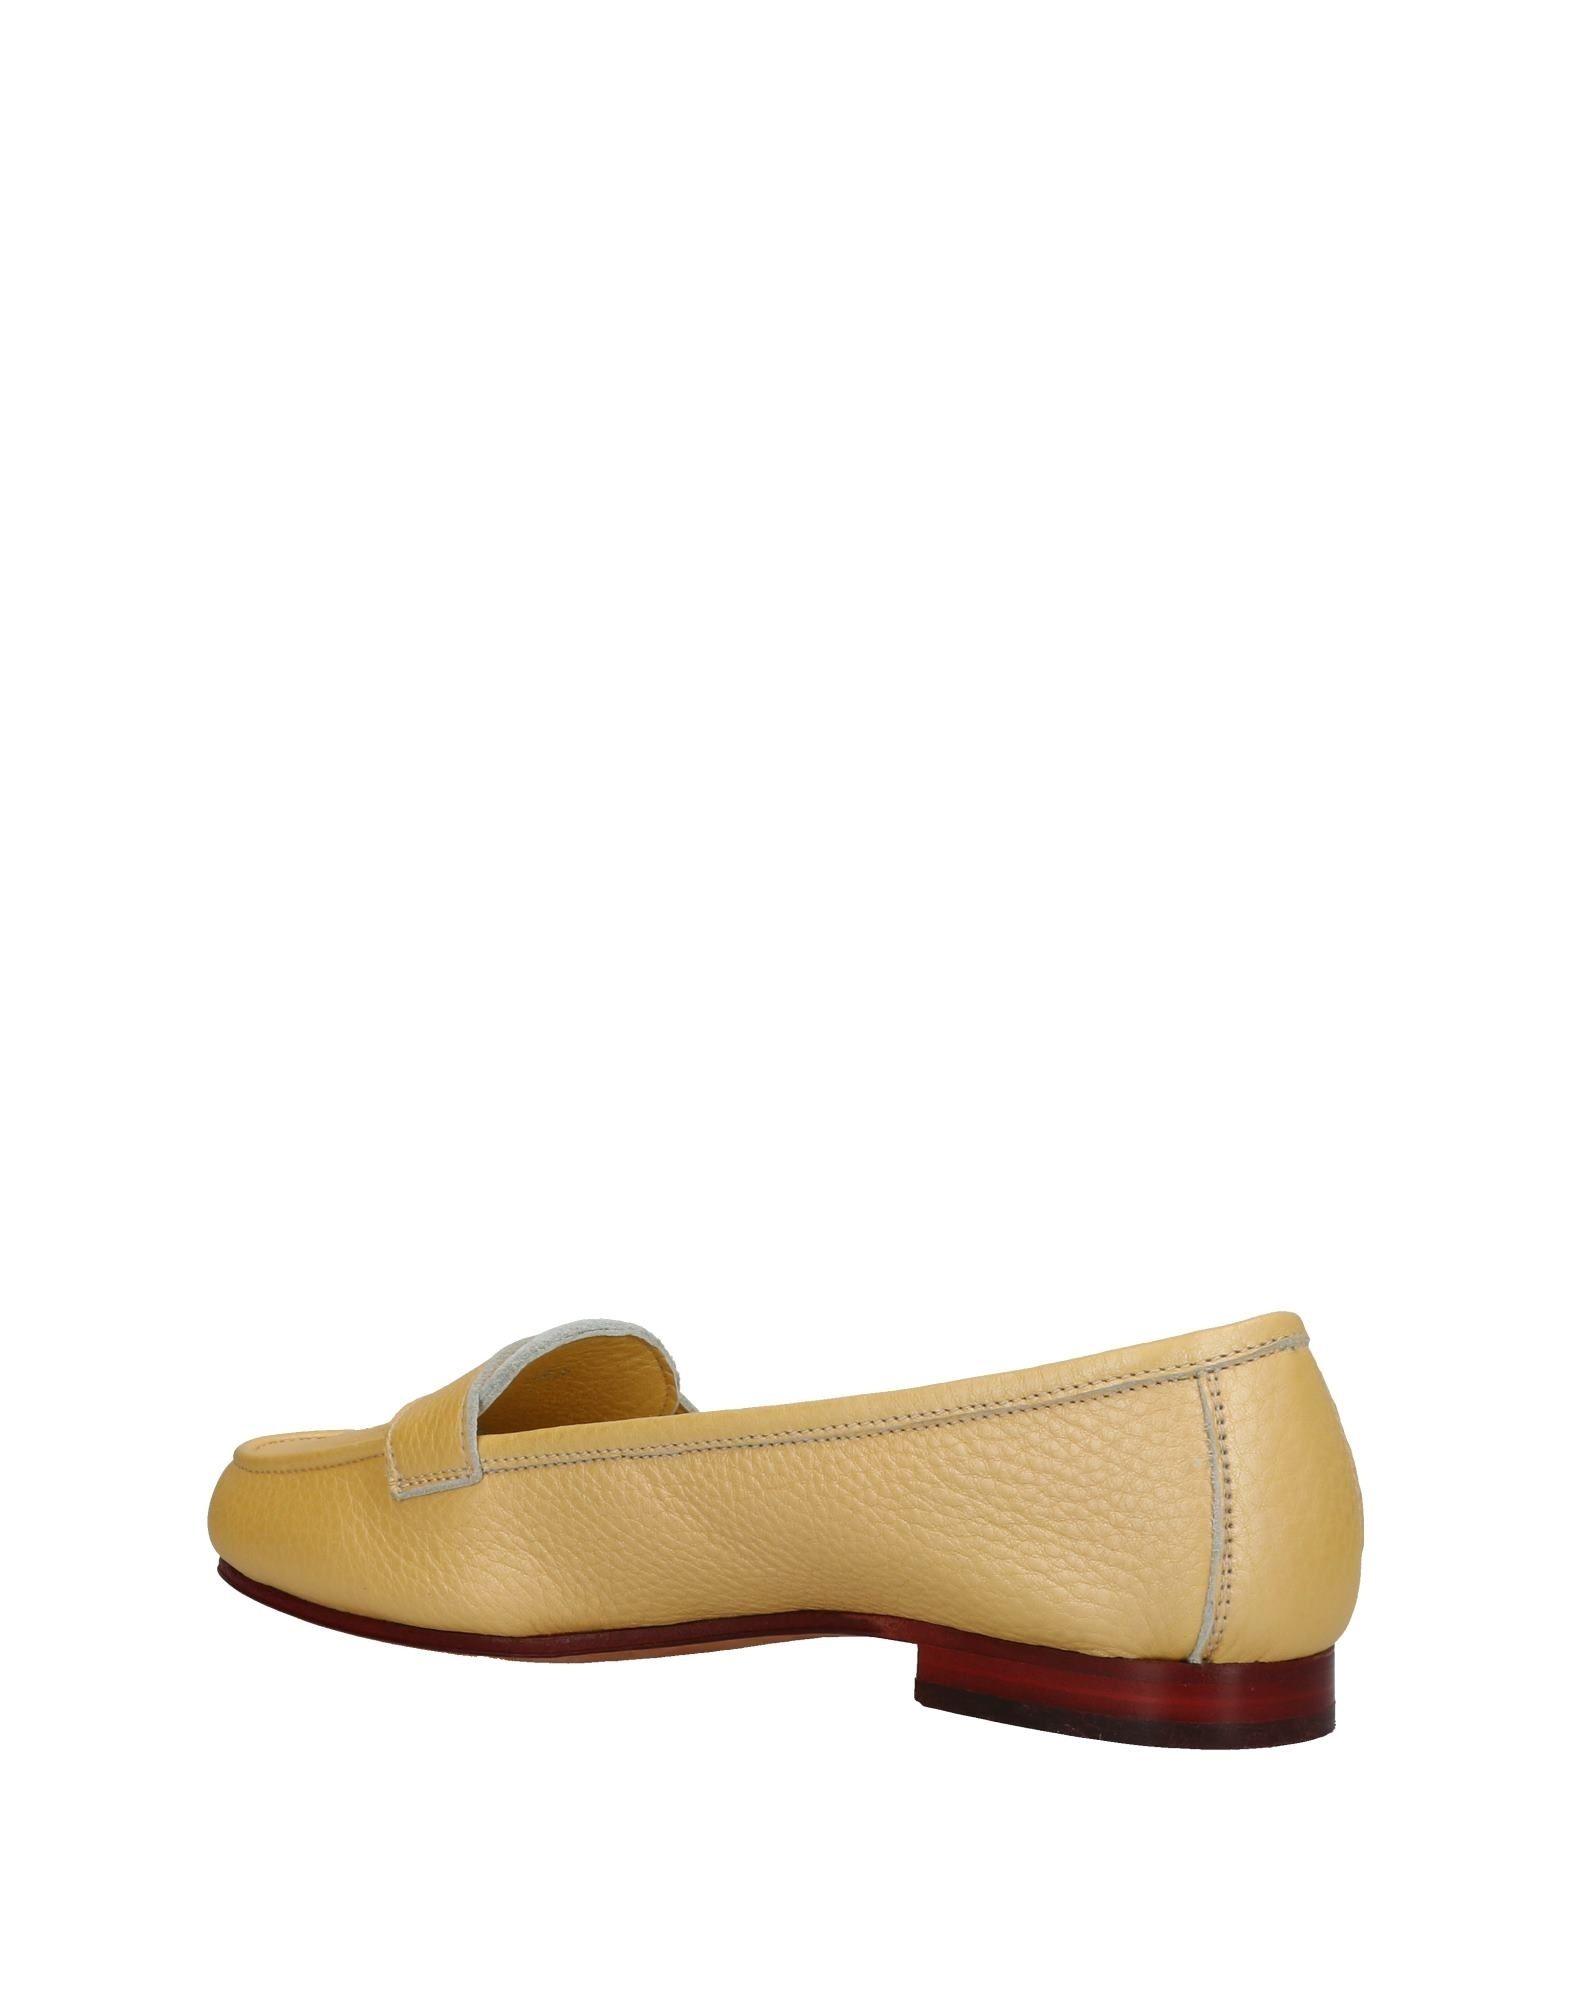 Andrea Ventura beliebte Firenze Mokassins Damen  11441709UL Gute Qualität beliebte Ventura Schuhe 1ec86e